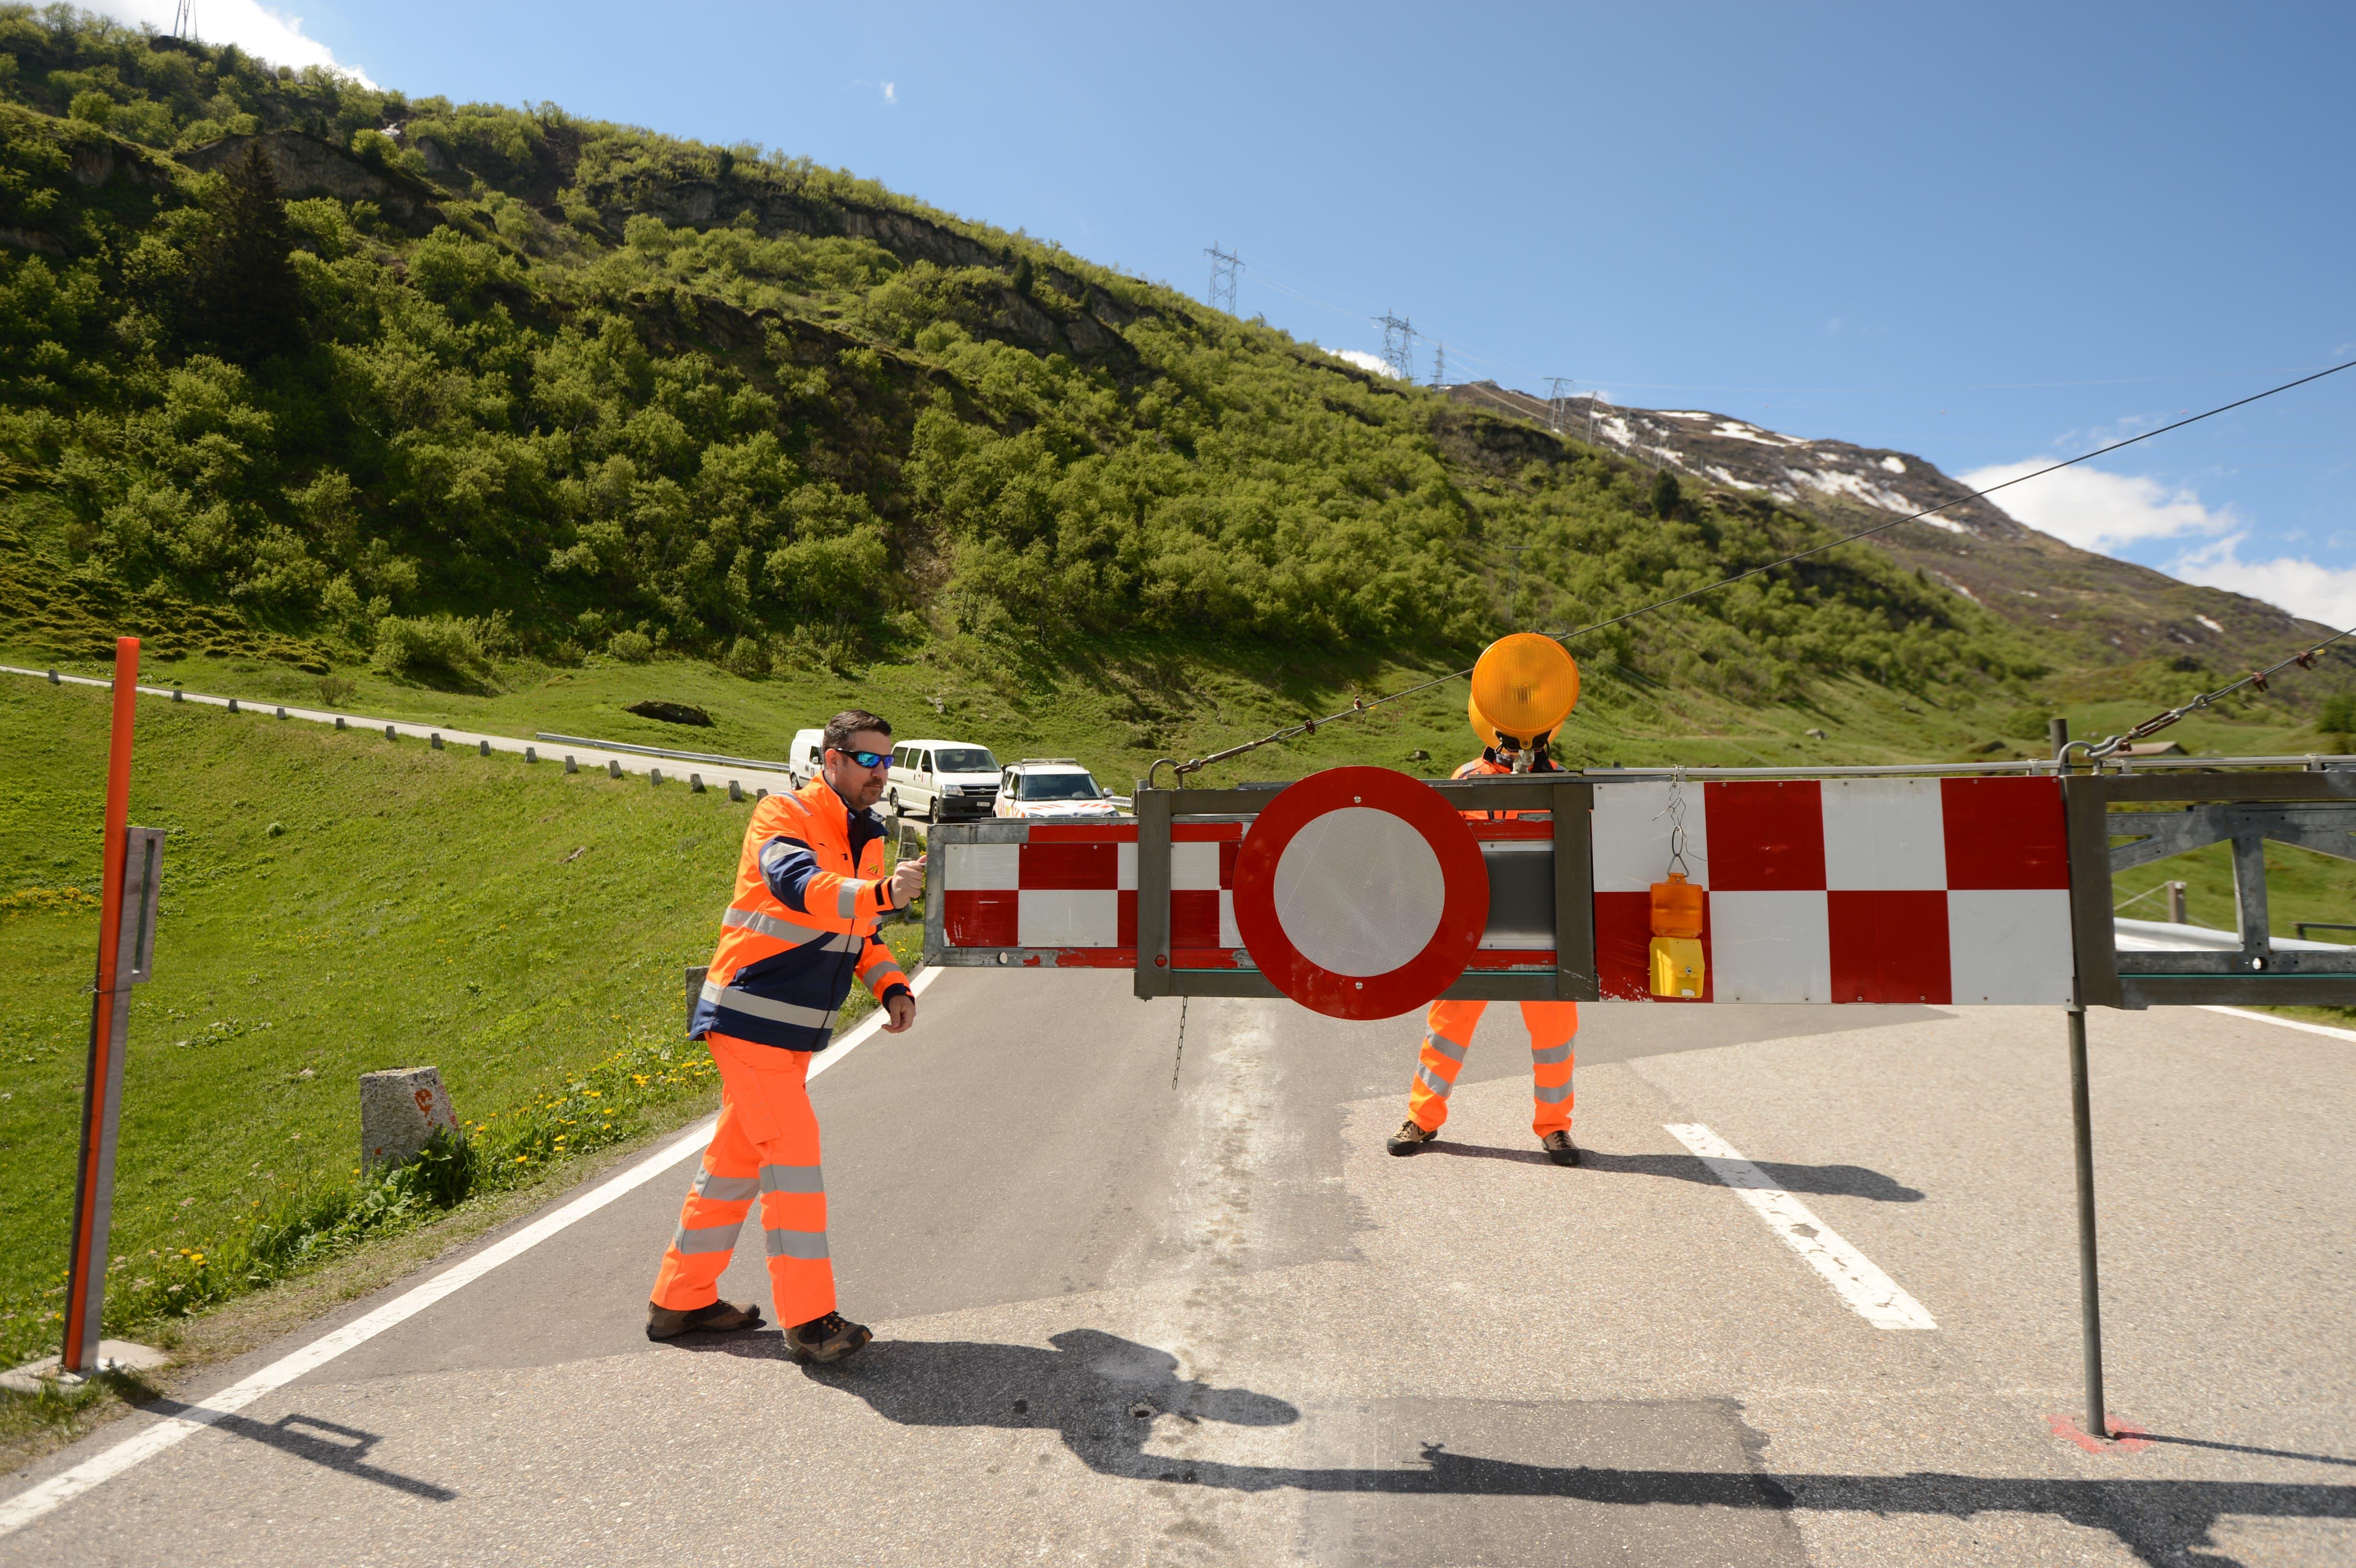 Die Mitarbeiter des Unterhaltsdienstes machen sich um 11 Uhr für die Öffnung der Strasse auf den Gotthardpass bereit.